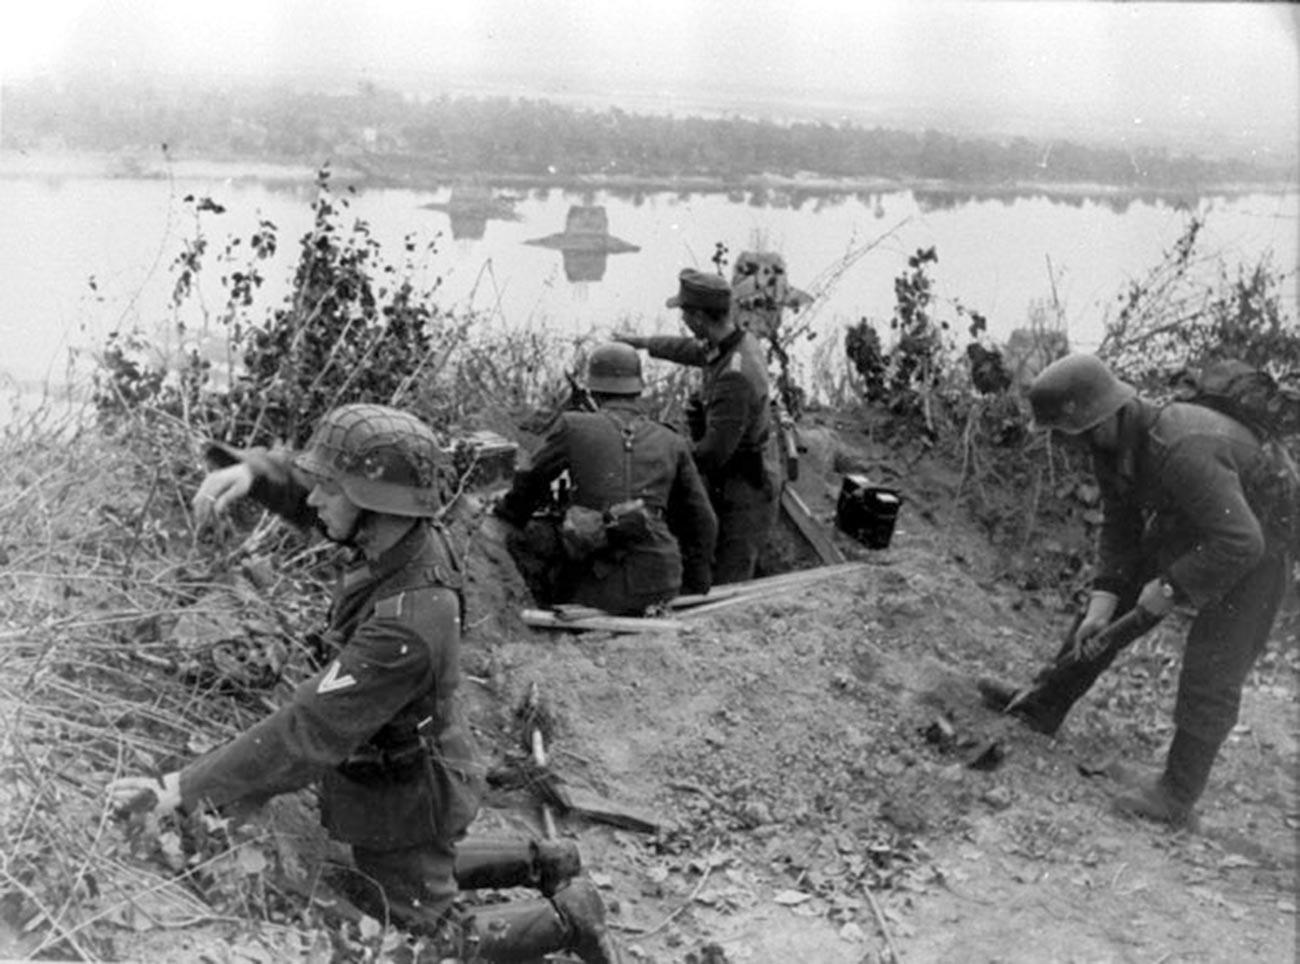 Вермахтът открива огън чрез Днепър по време на битката за Долния Днепър през 1943 г.